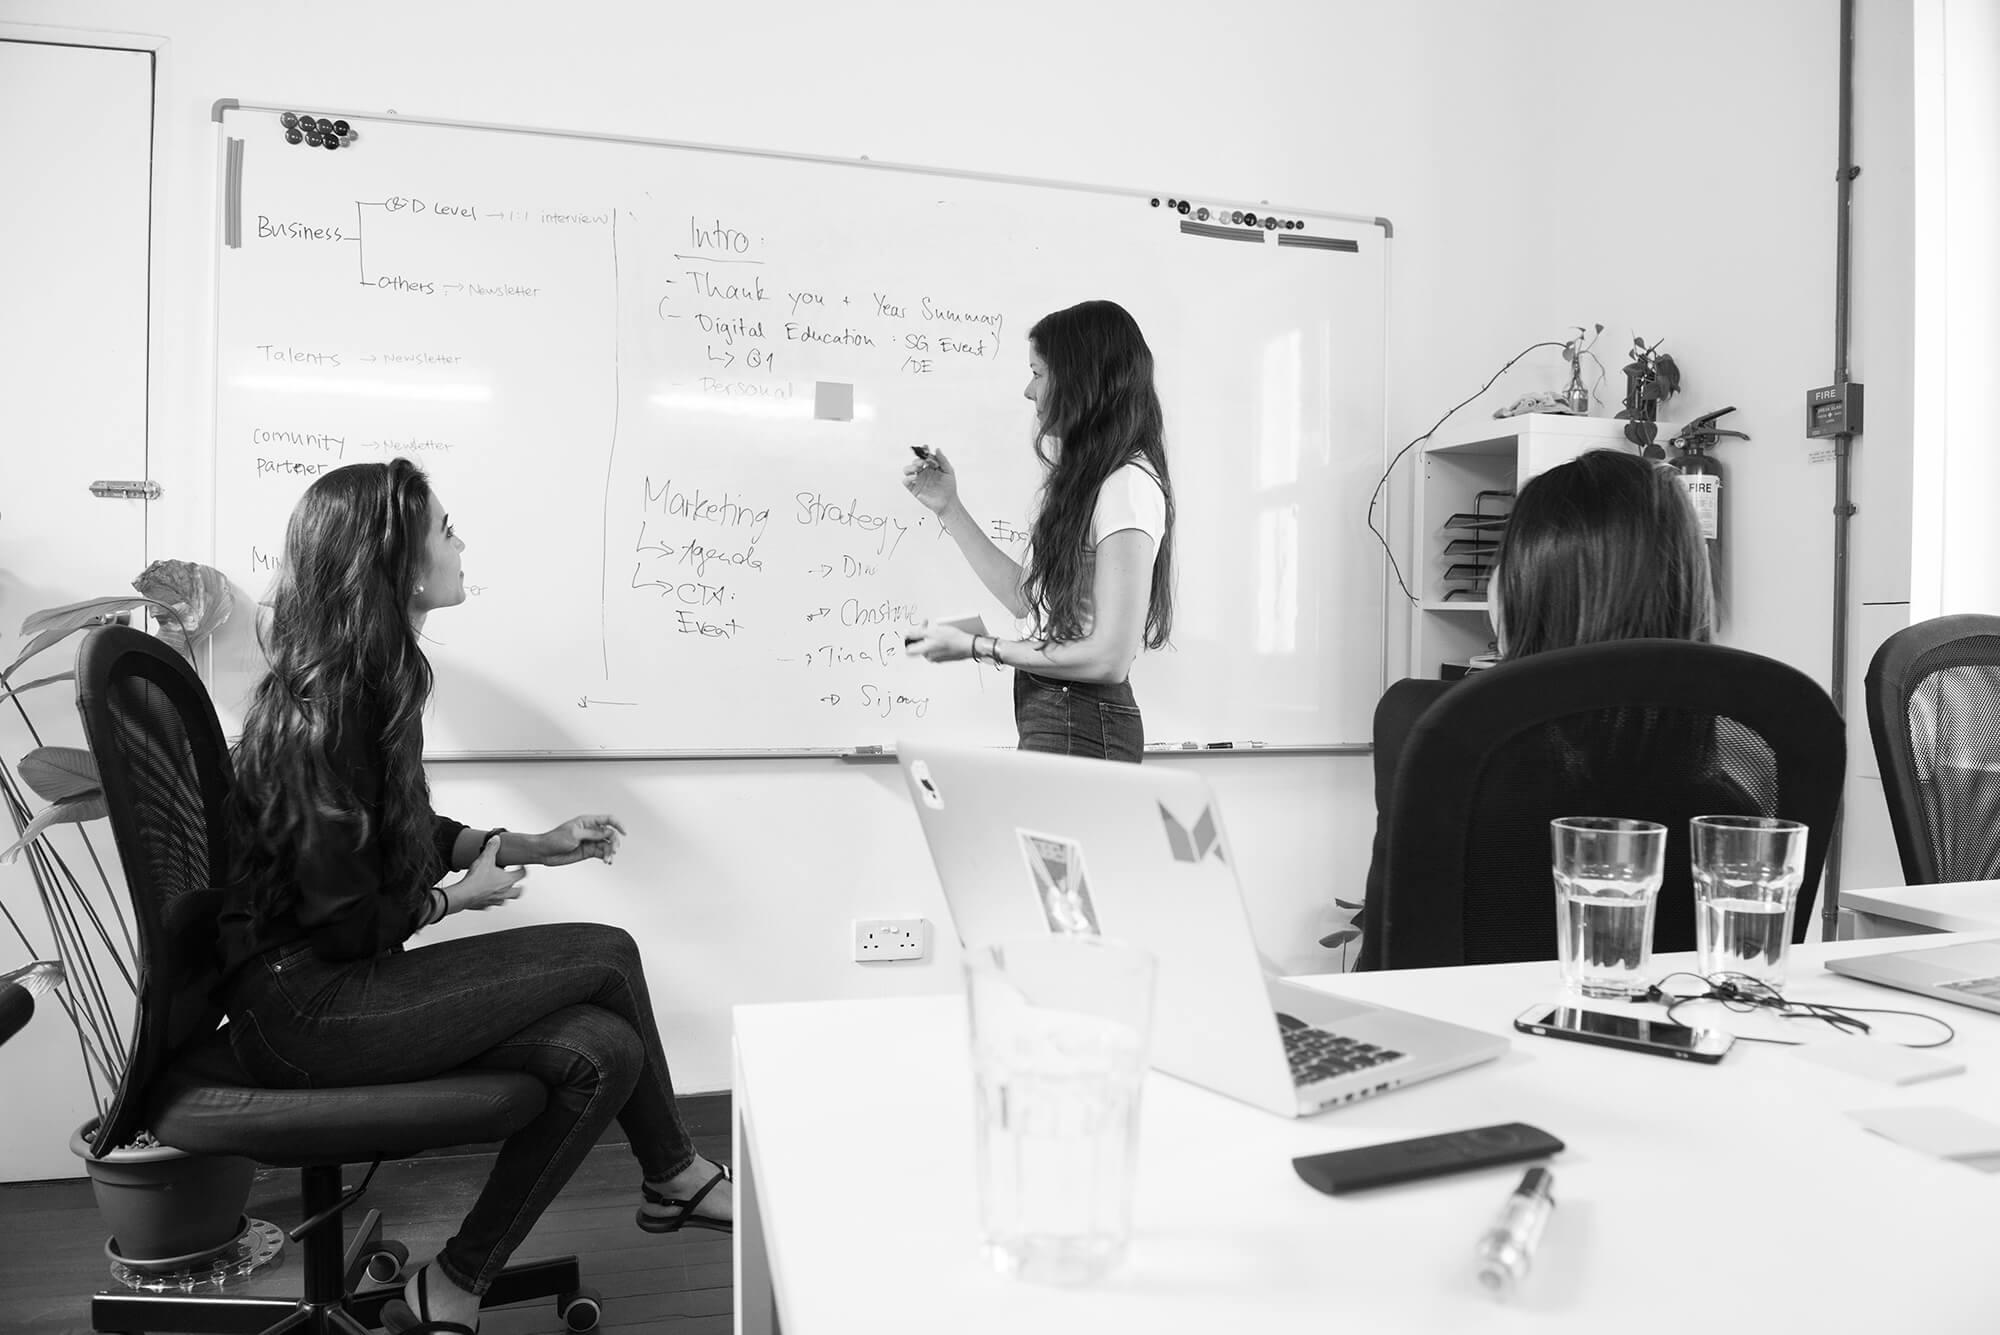 Plusieurs personnes réfléchissent à la définition d'une plateforme de marque IT